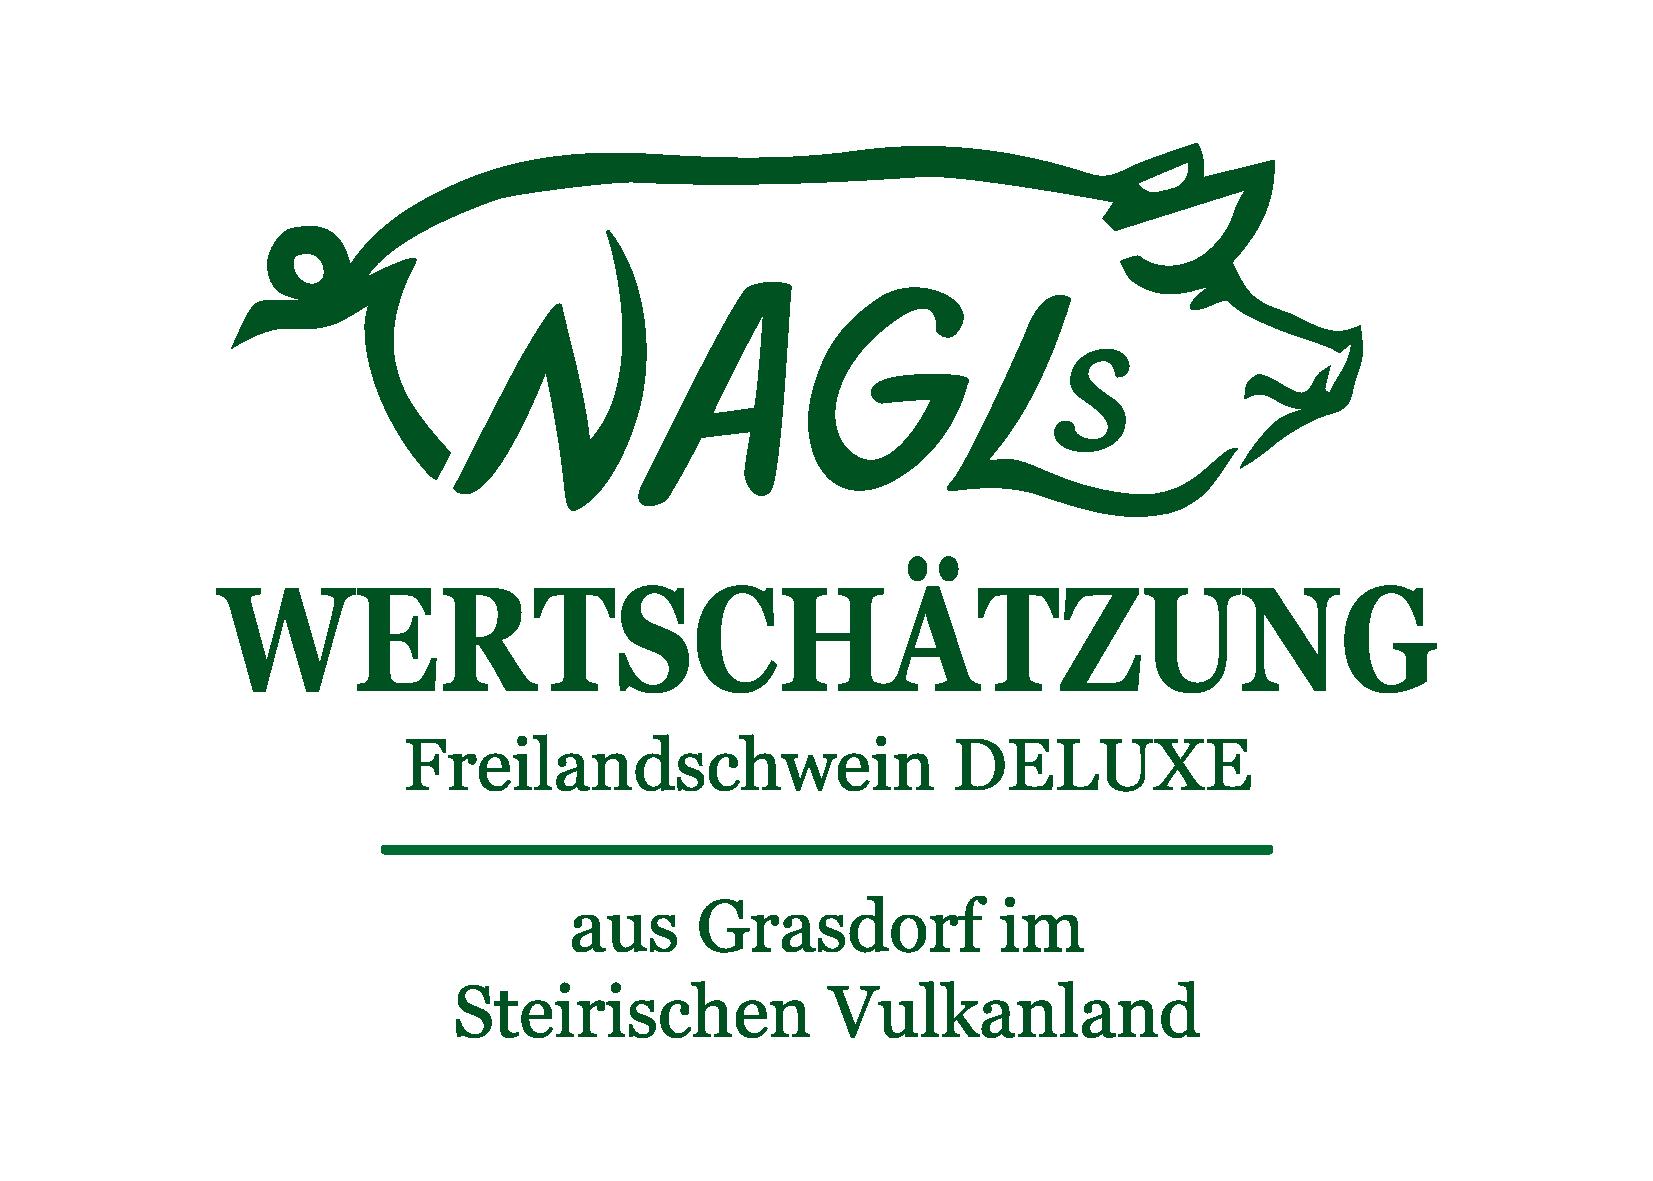 NaglsWertschätzung-Marke-Grasdorf